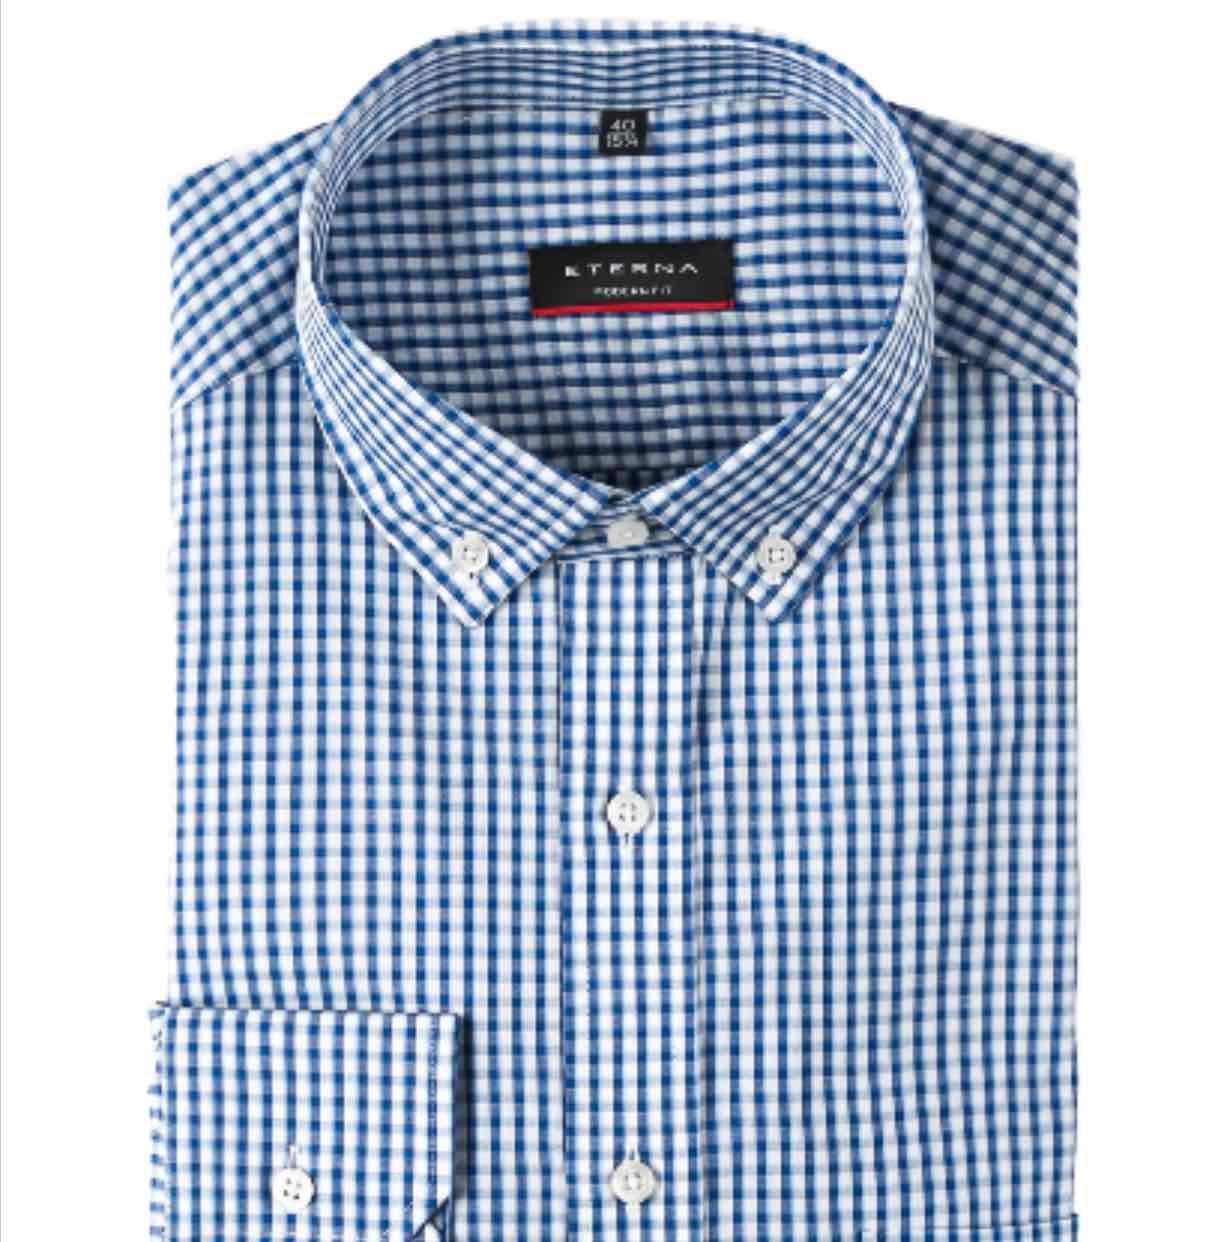 Eterna Hemden ab 6,99€ bei Brands4friends